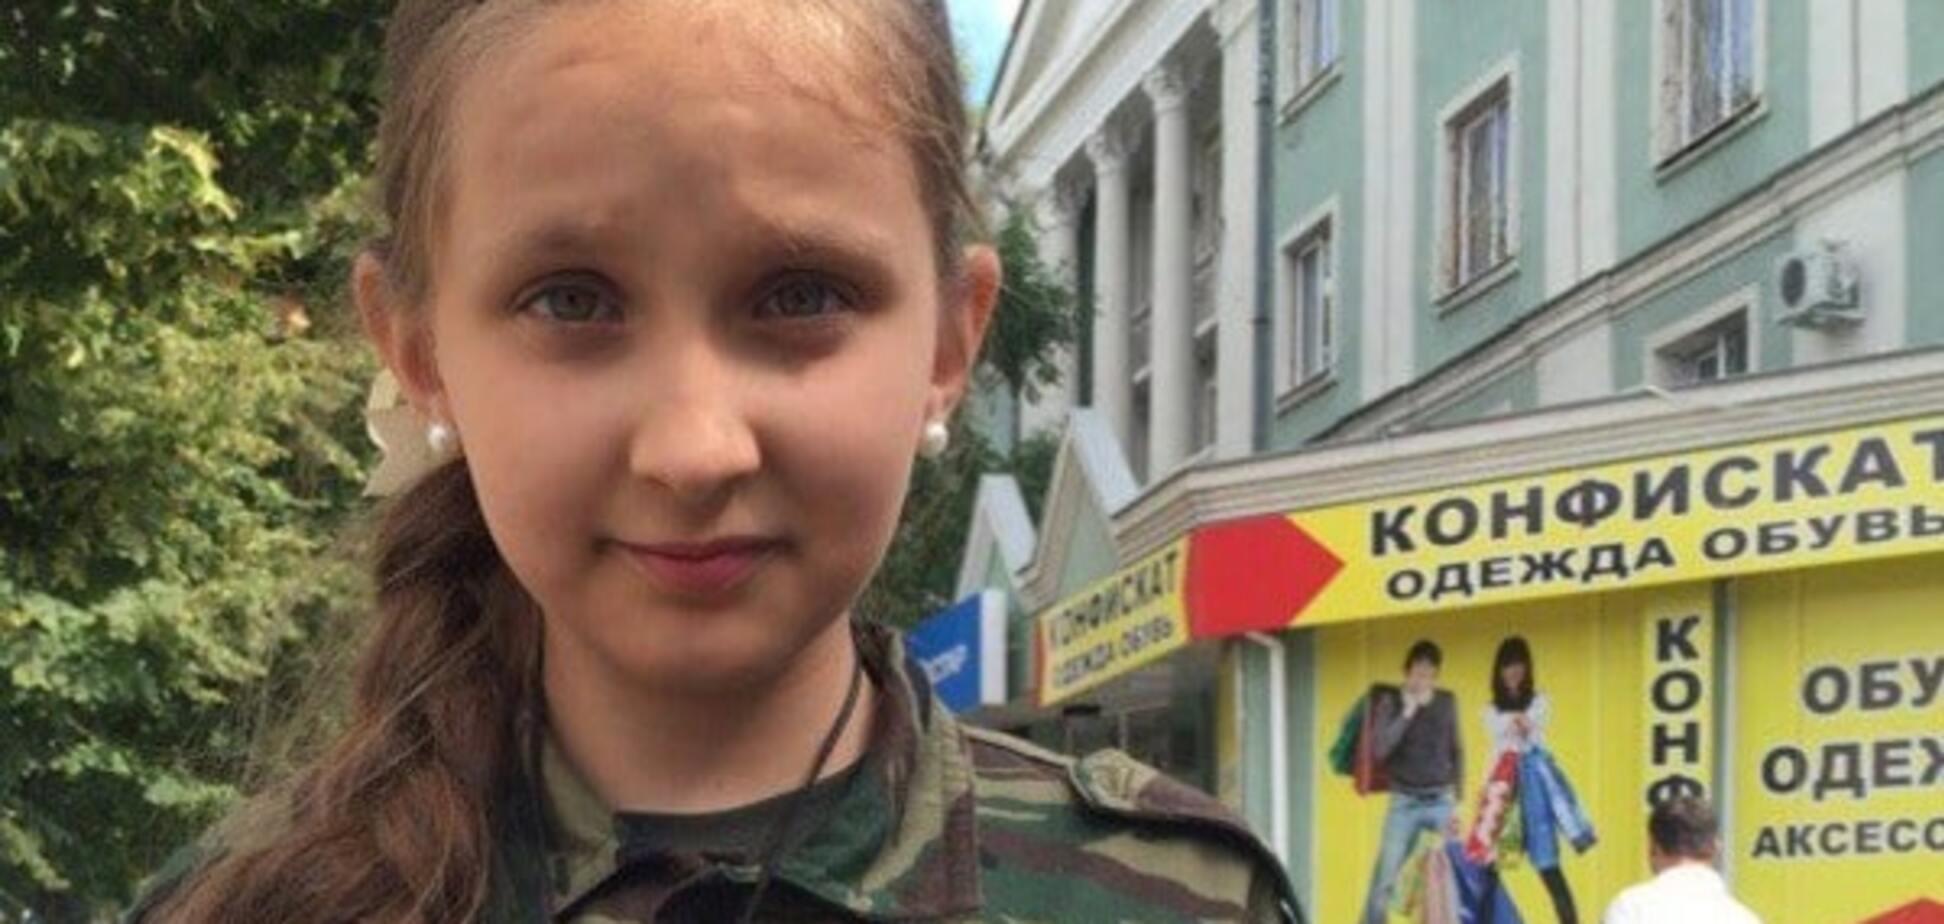 Ефект дежавю: у 'ЛНР' 10-річну дівчинку повторно нагородили медалями СРСР